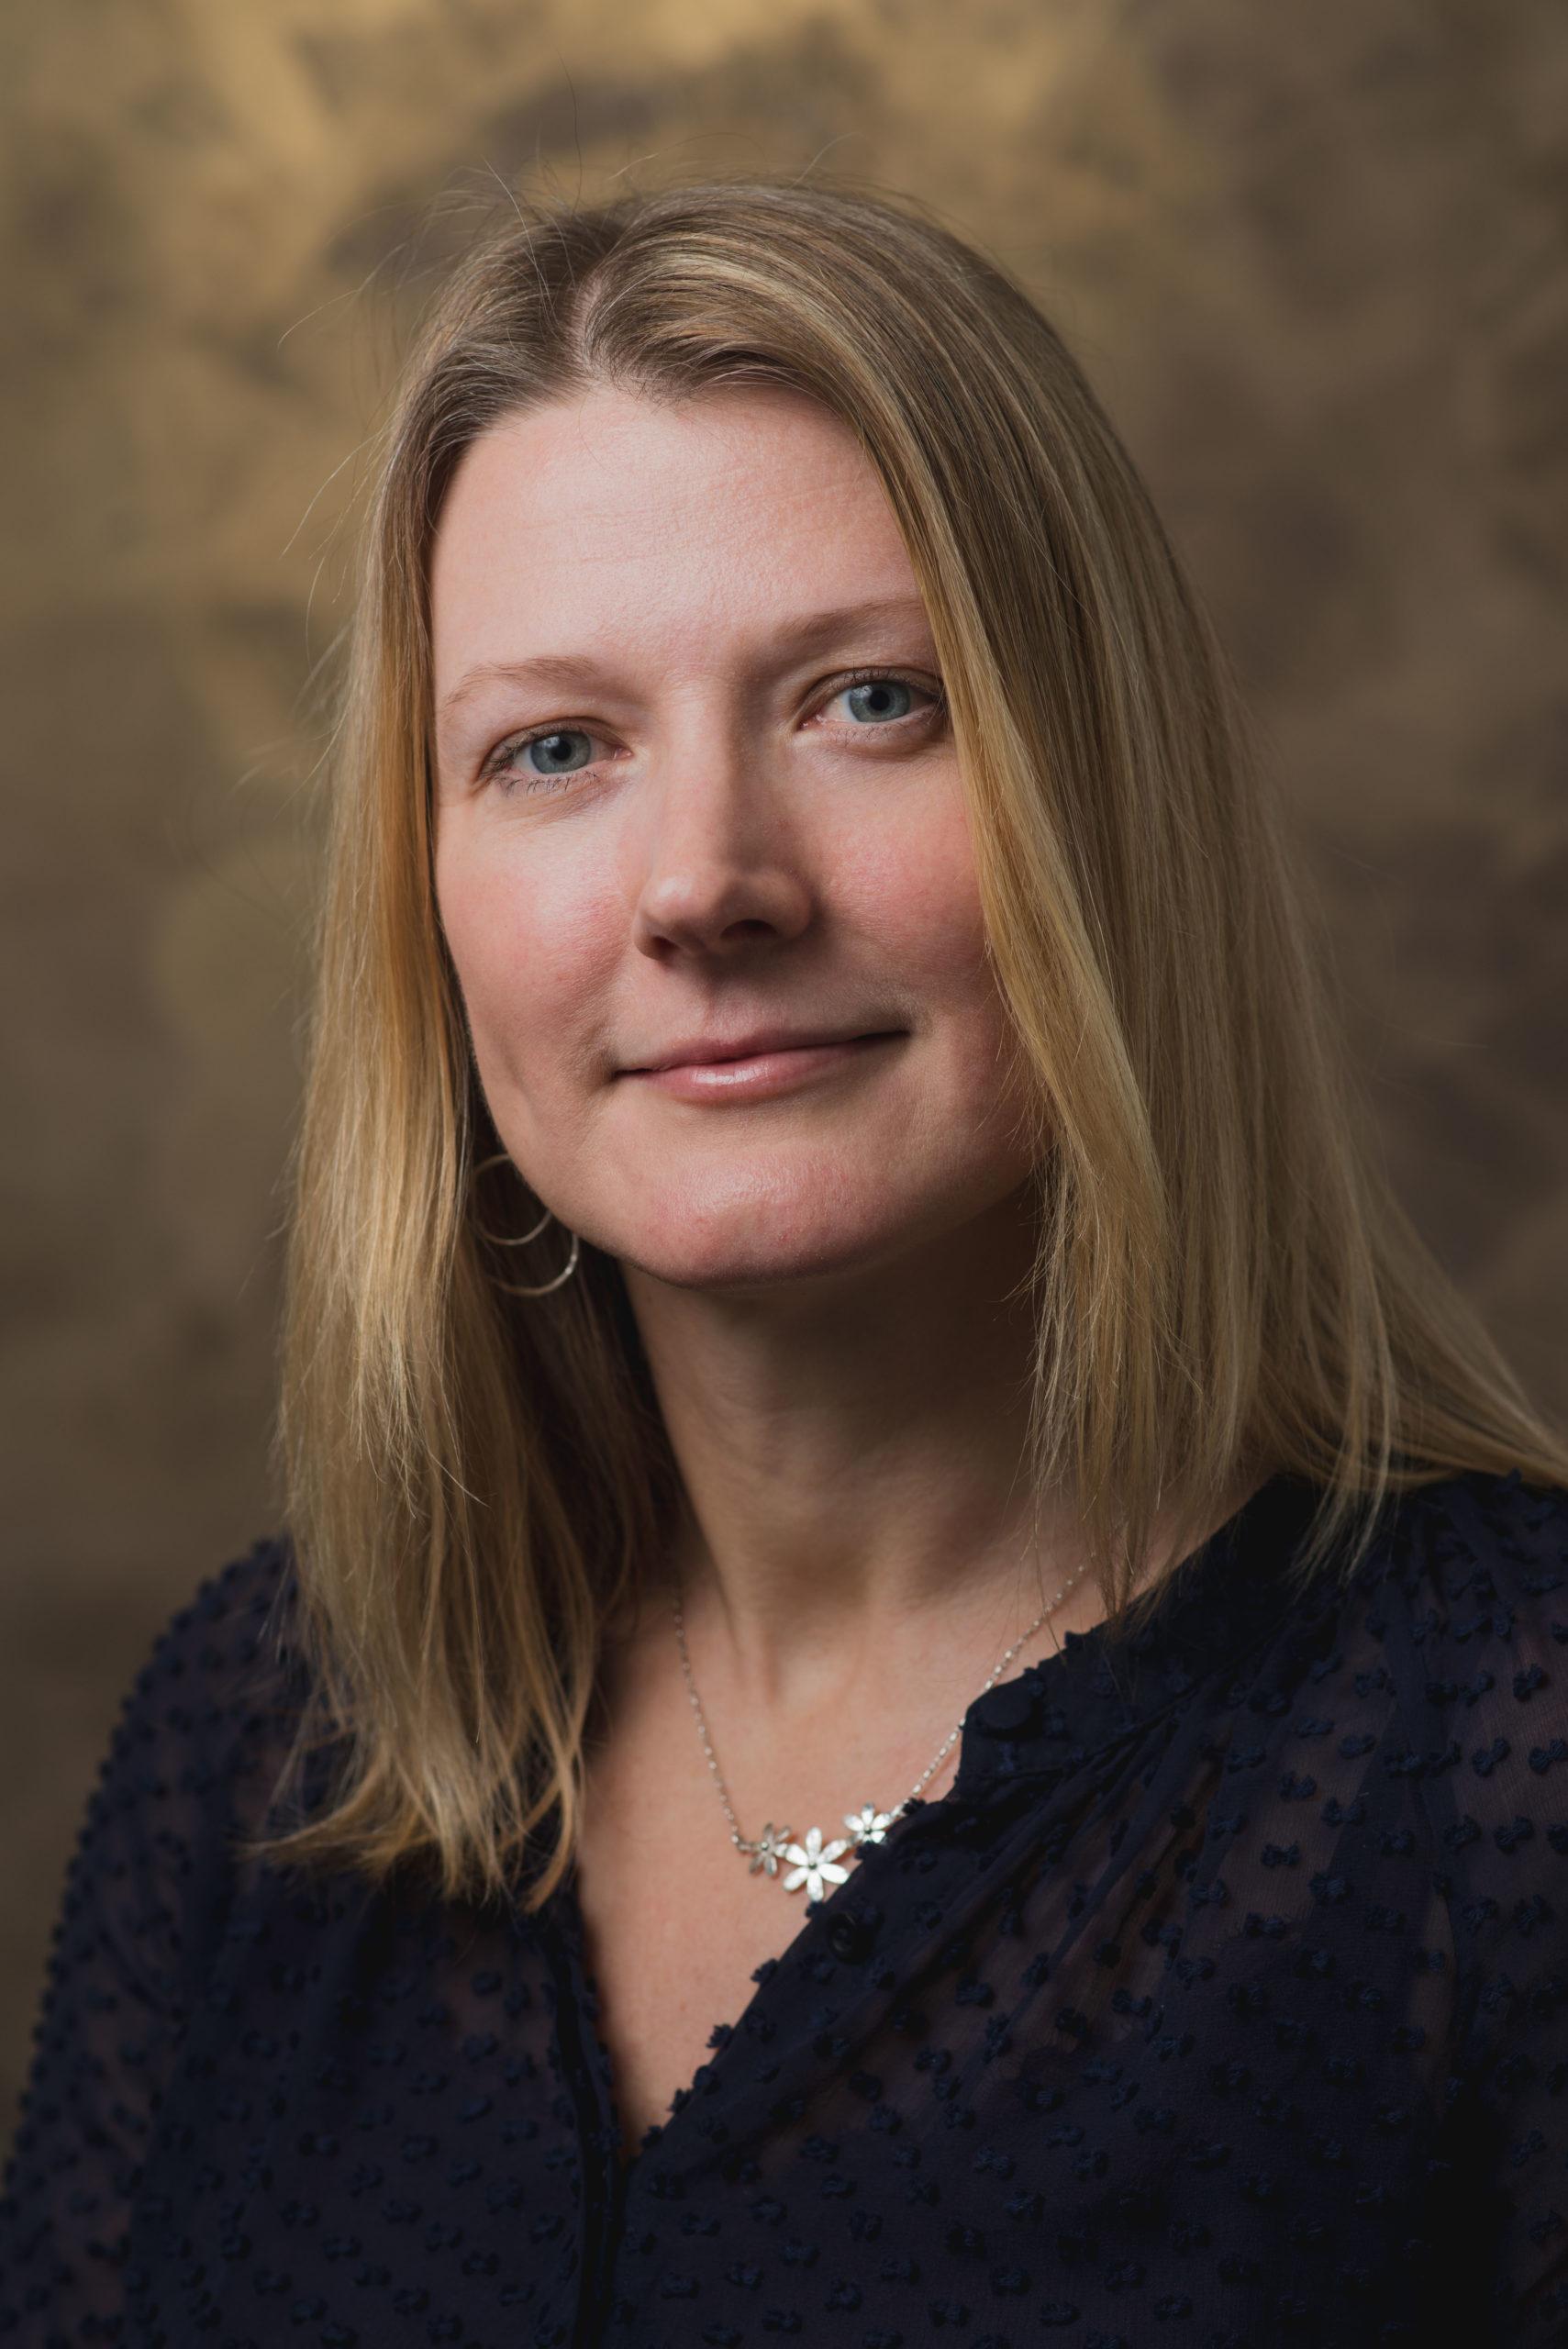 Sheena Cruickshank